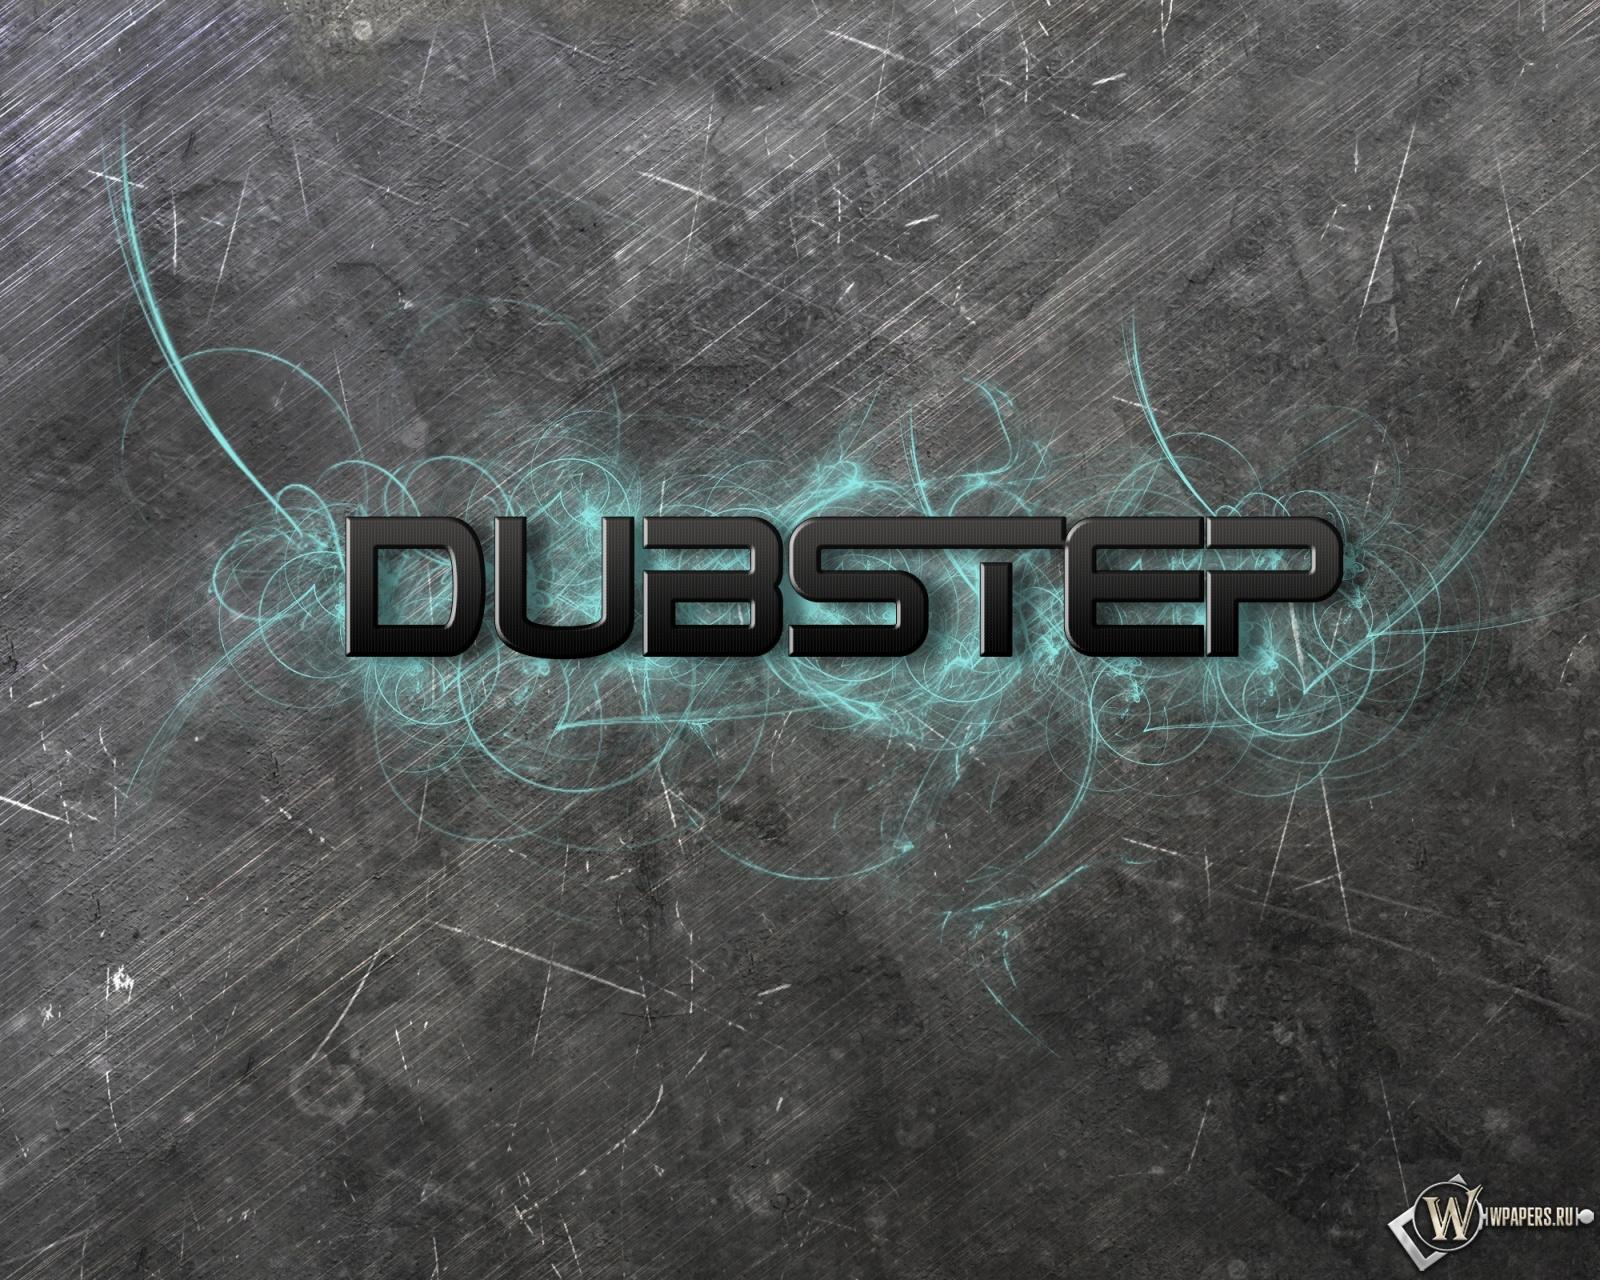 Dubstep 1600x1280